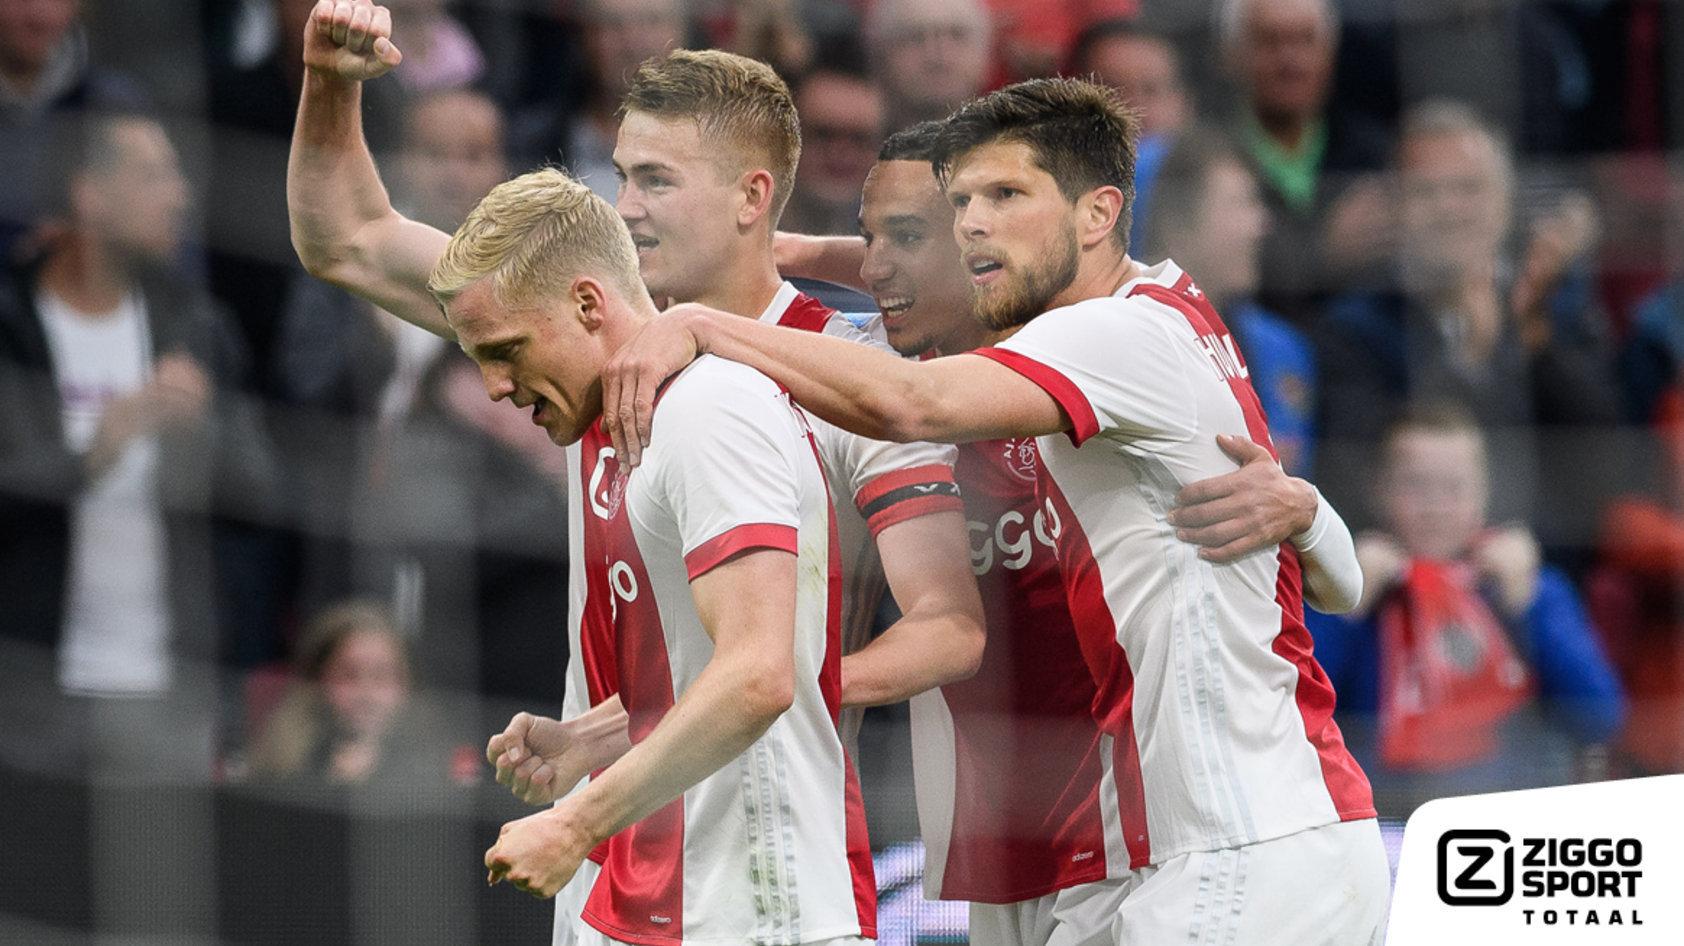 CL-voorronde Ajax - Sturm Graz gratis voor iedereen @ Ziggo Sport Select